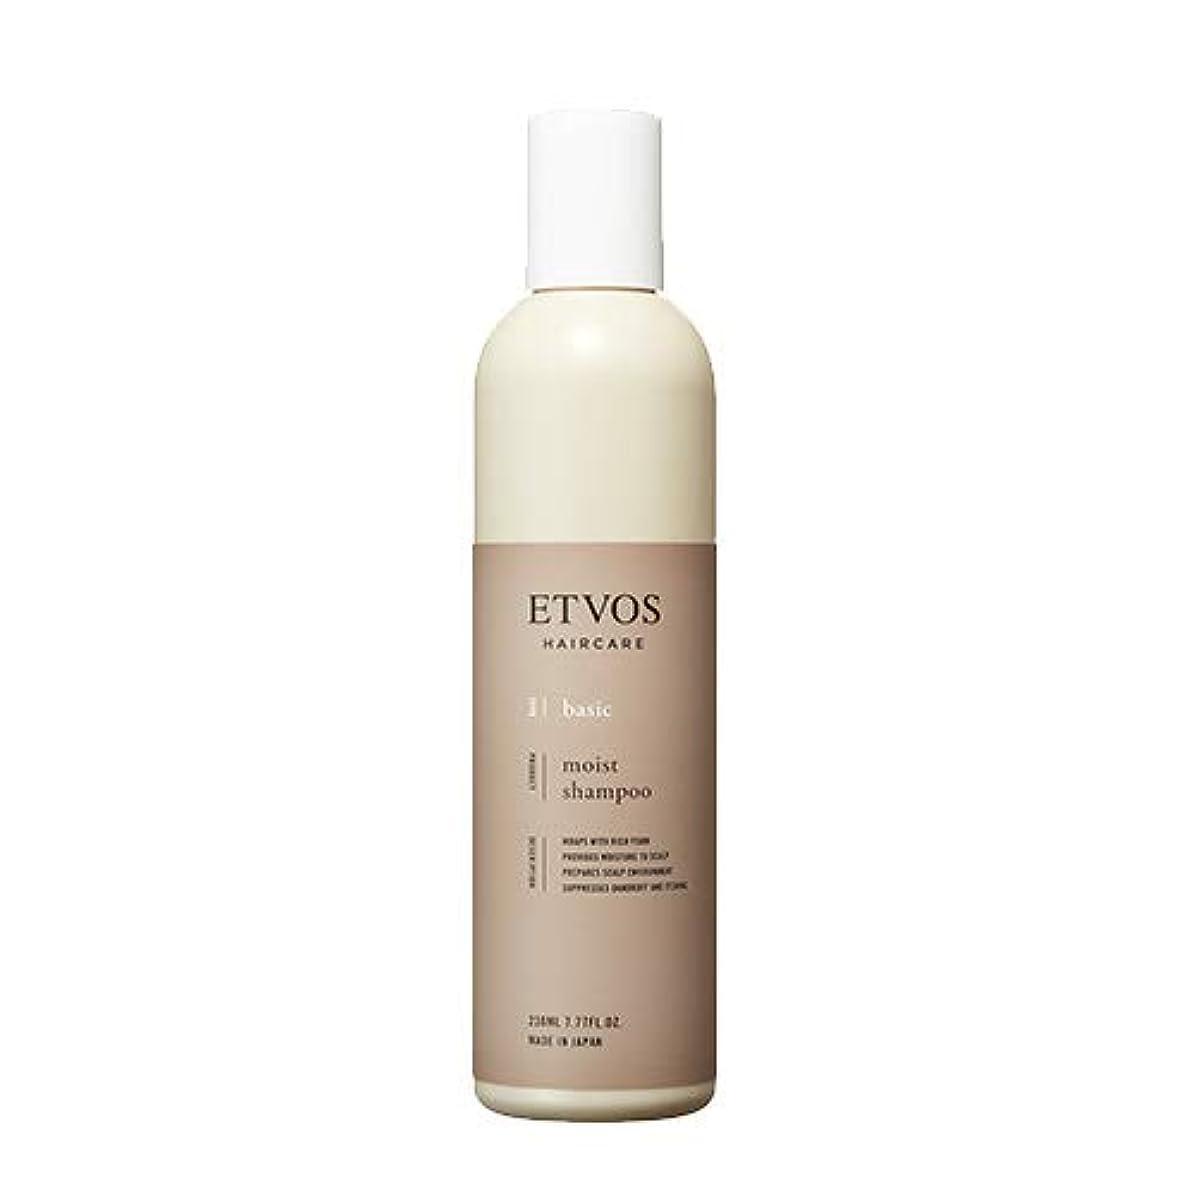 先行する覆す類人猿ETVOS(エトヴォス) モイストシャンプー 230ml ノンシリコン/アミノ酸系/弱酸性/保湿 乾燥/フケ/かゆみ対策